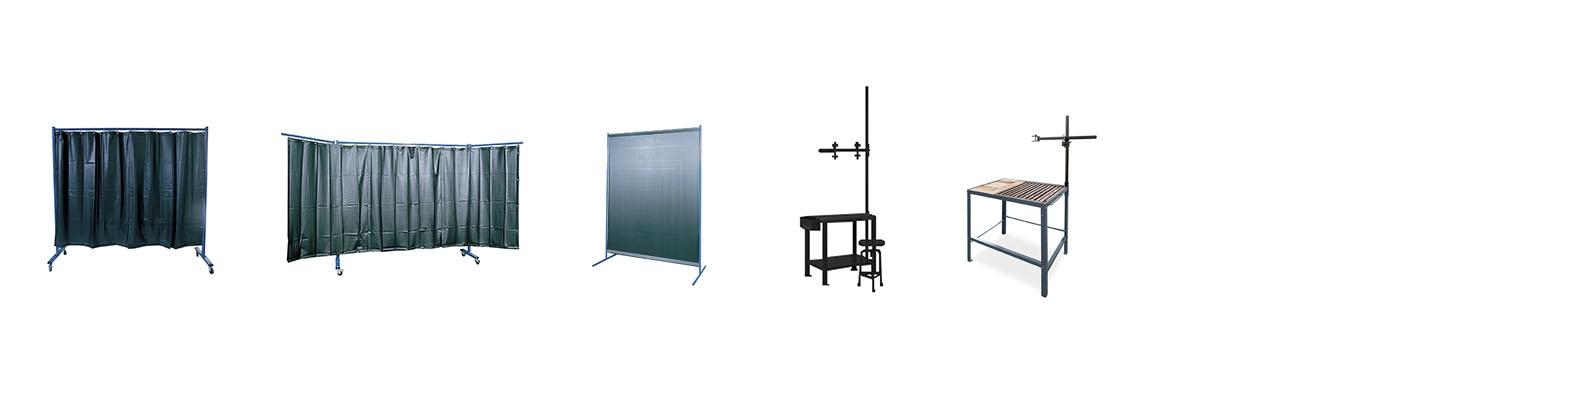 Protección y organización del taller